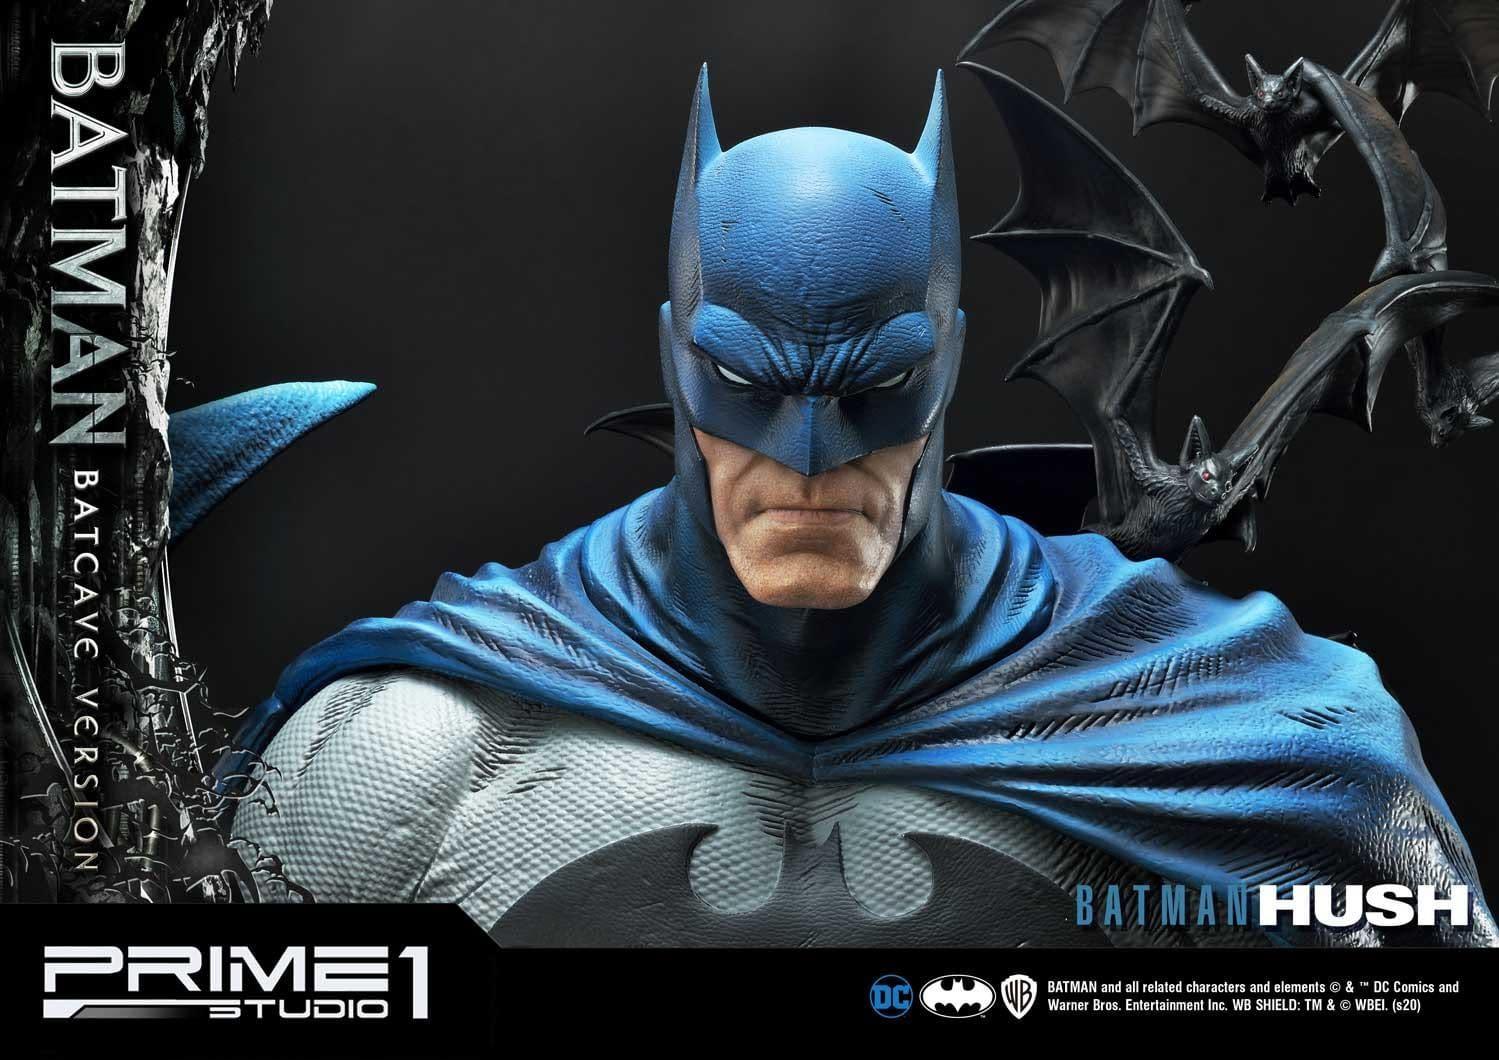 Prime-1-Batman-Batcave-Version-DX-010